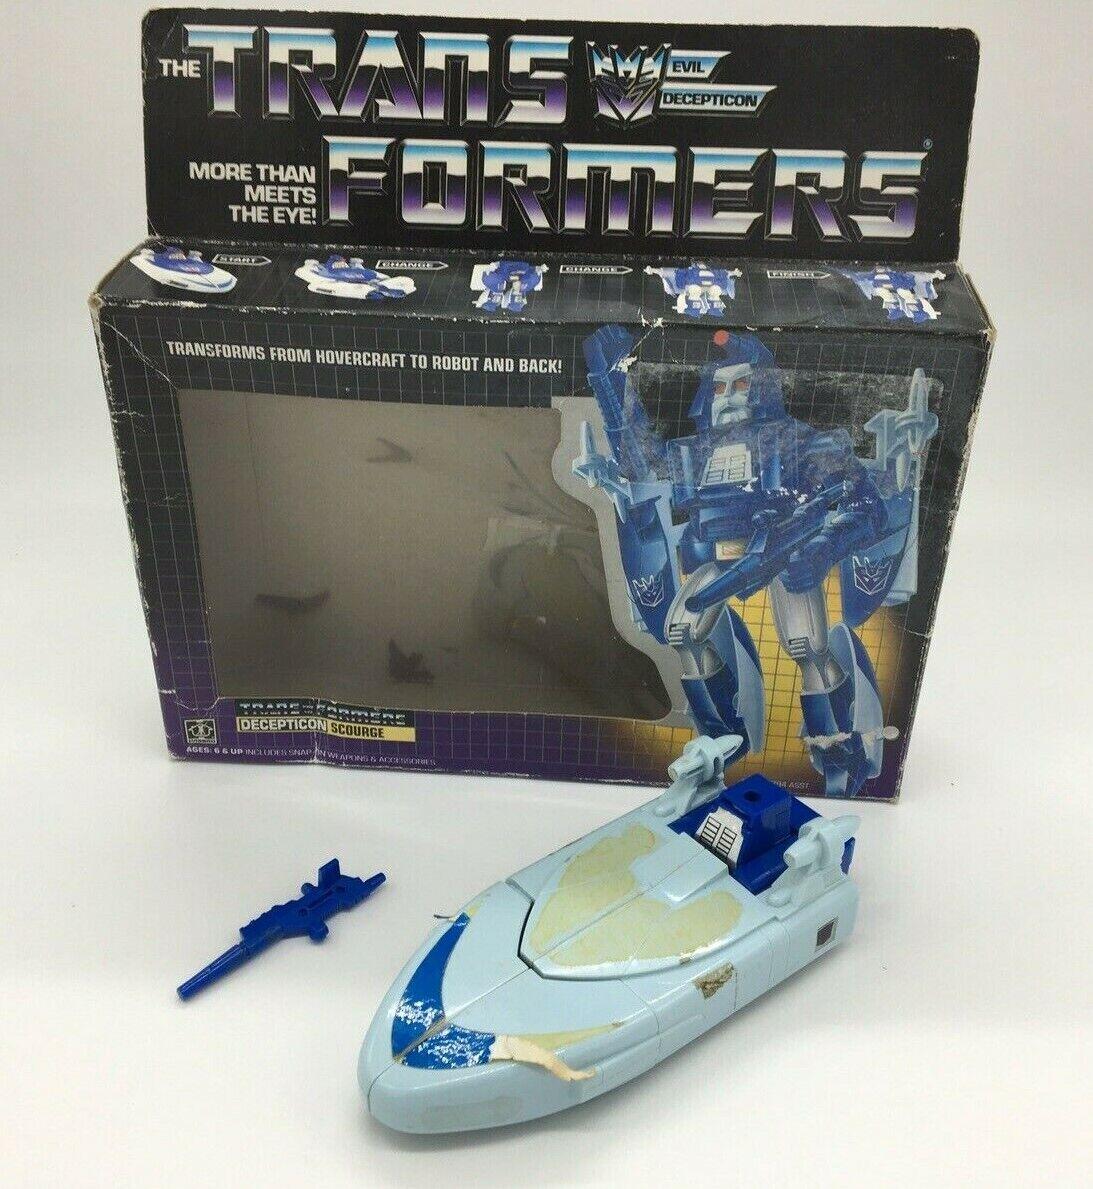 tienda de ventas outlet Transformers azote, En Caja, Caja, Caja, Robot, Decepticon, Autobot, Vintage, Retro  costo real